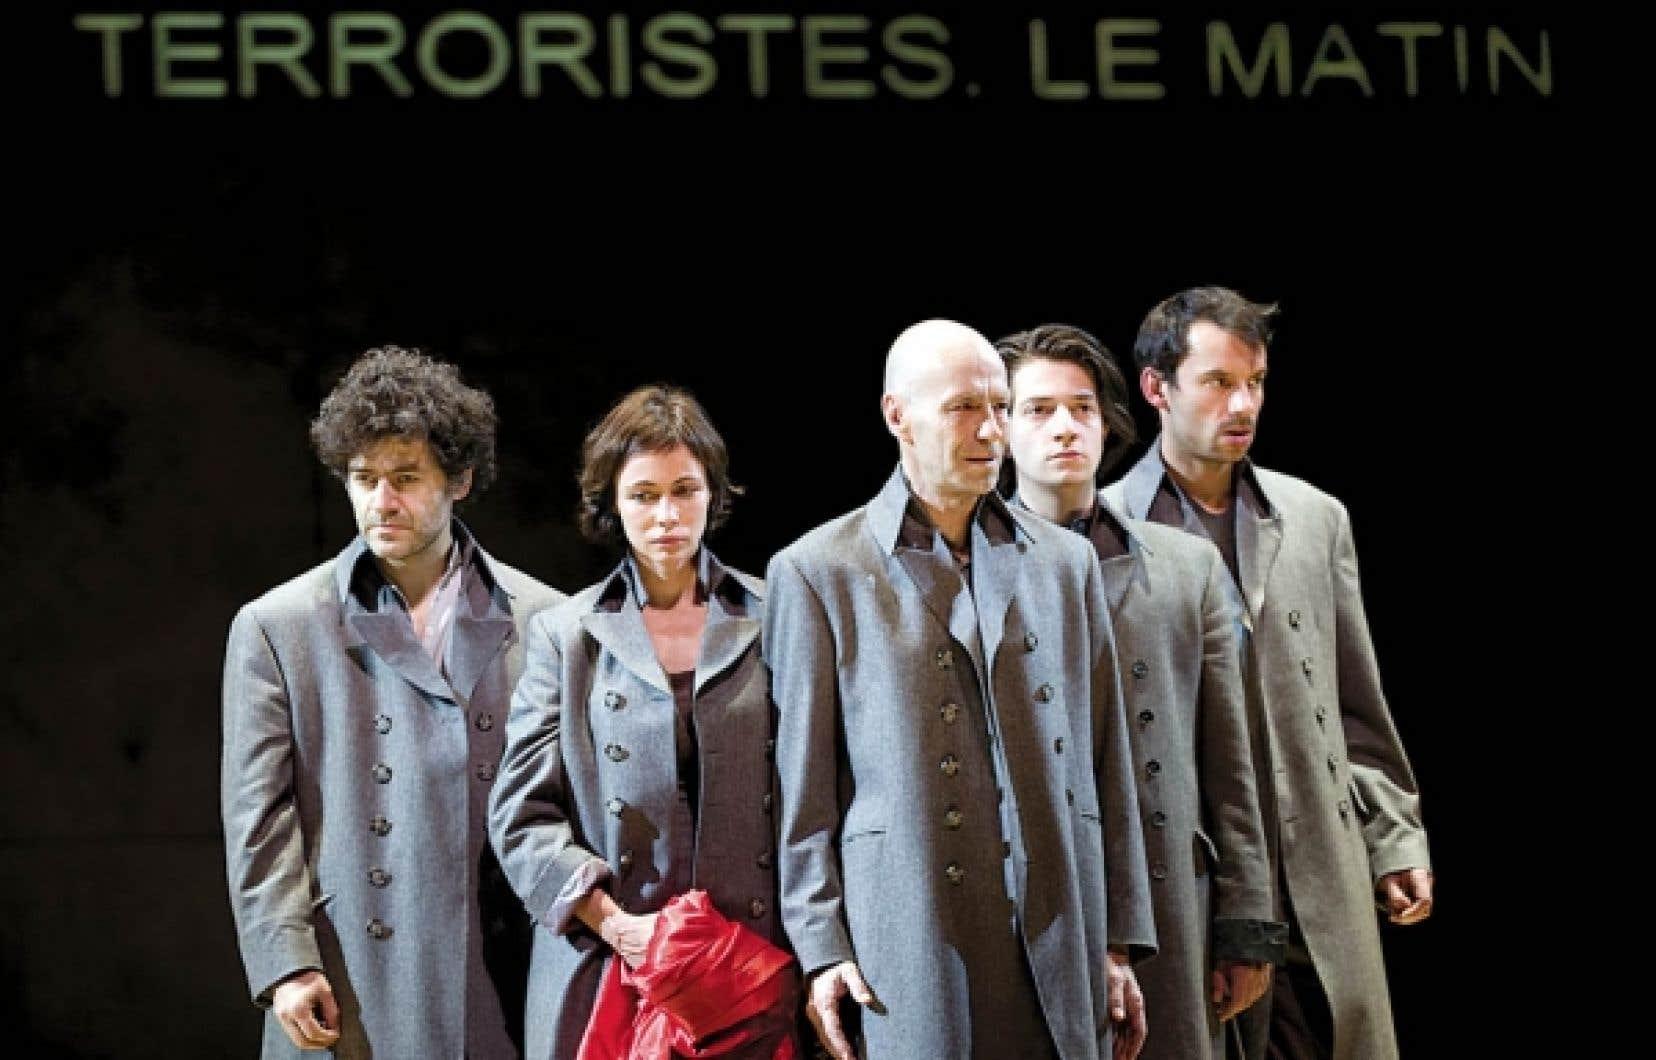 Sur scène, les comédiens — Wajdi Mouawad et Emmanuelle Béart, ainsi que le reste de la distribution étincelante — hachent le texte en une musique saccadée, parfois sèche et improbable.<br />